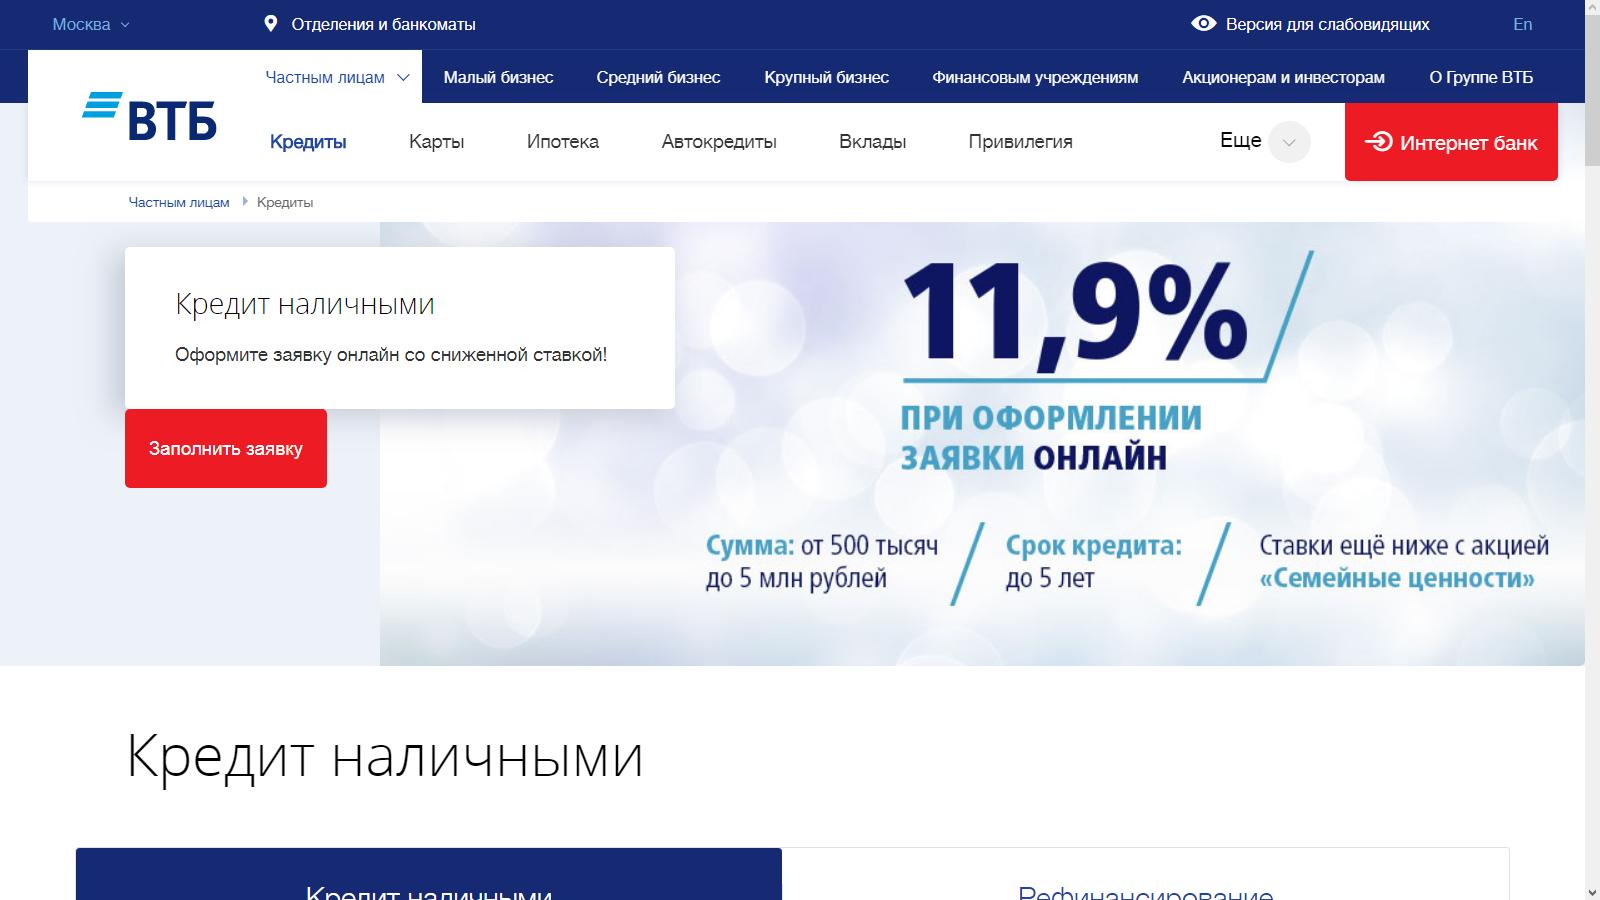 Кредит наличными от ВТБ банка для физических лиц